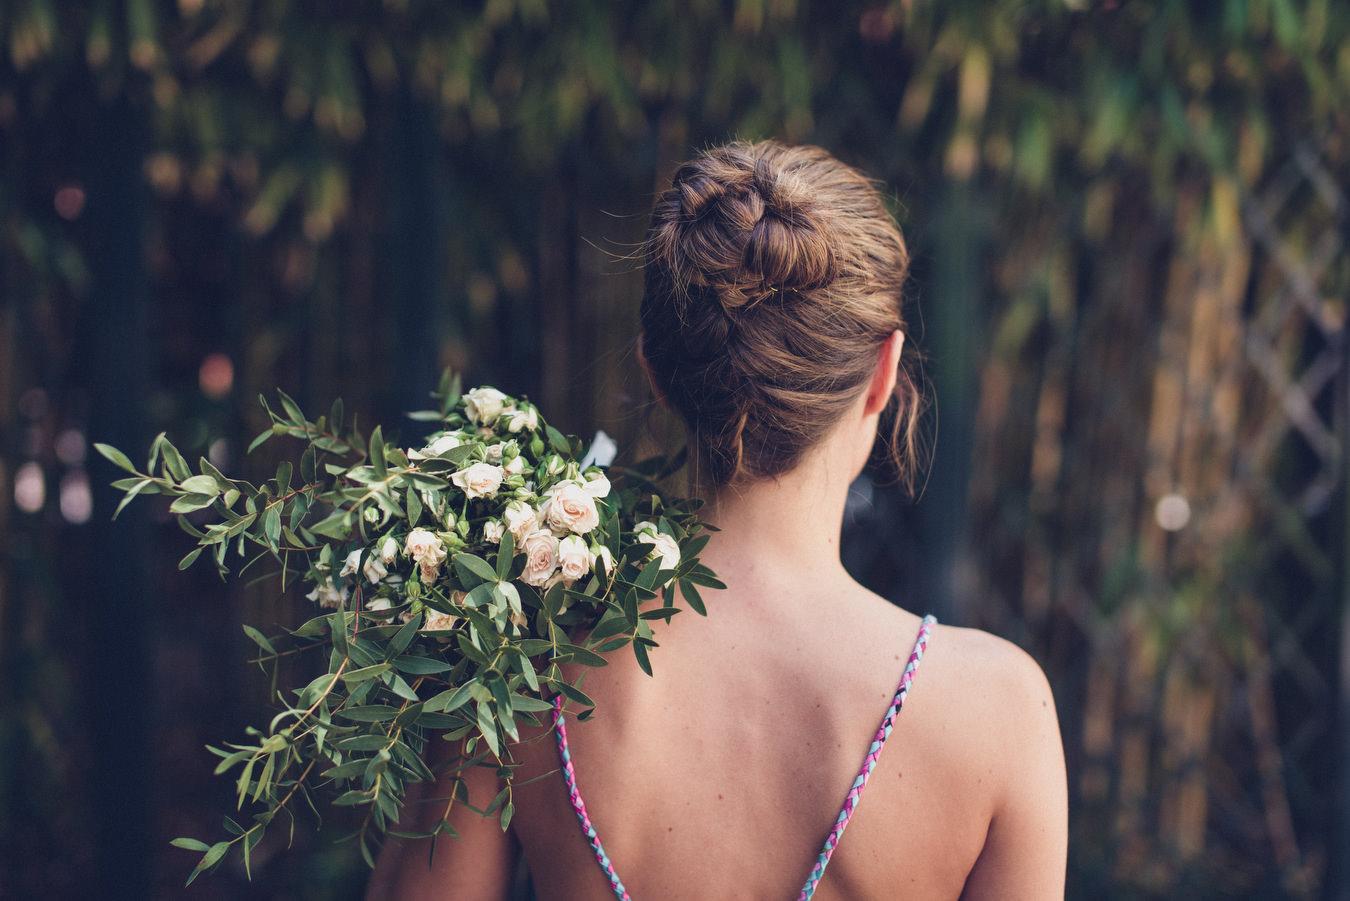 calista-one-lista-de-bodas-online-blog-de-bodas-bossanova-looks-invitadas-a-iglesias-turquesa-4